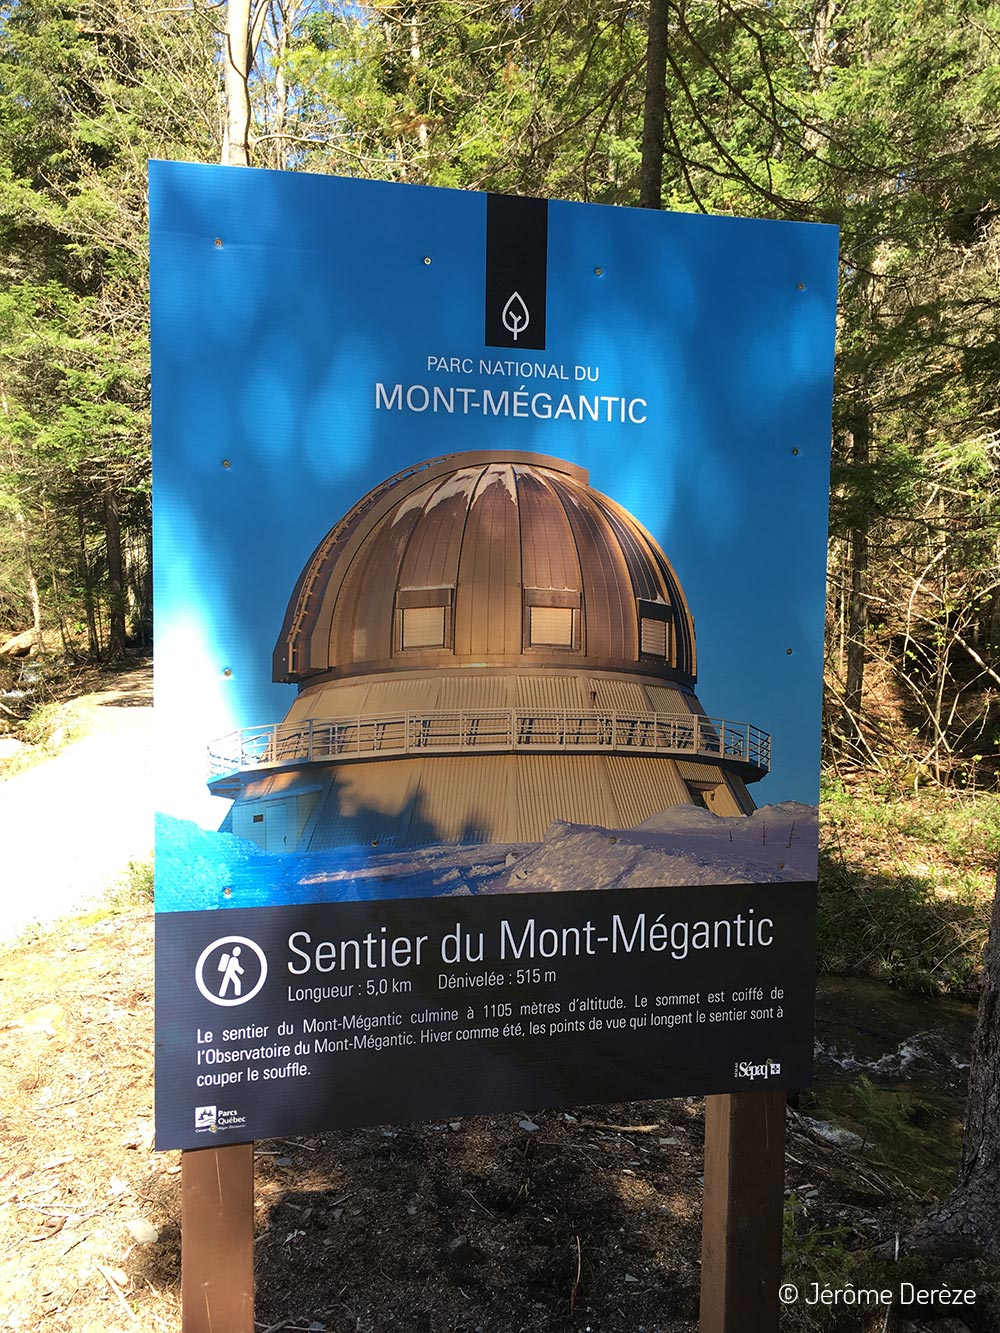 Parc national du Mont-Mégantic